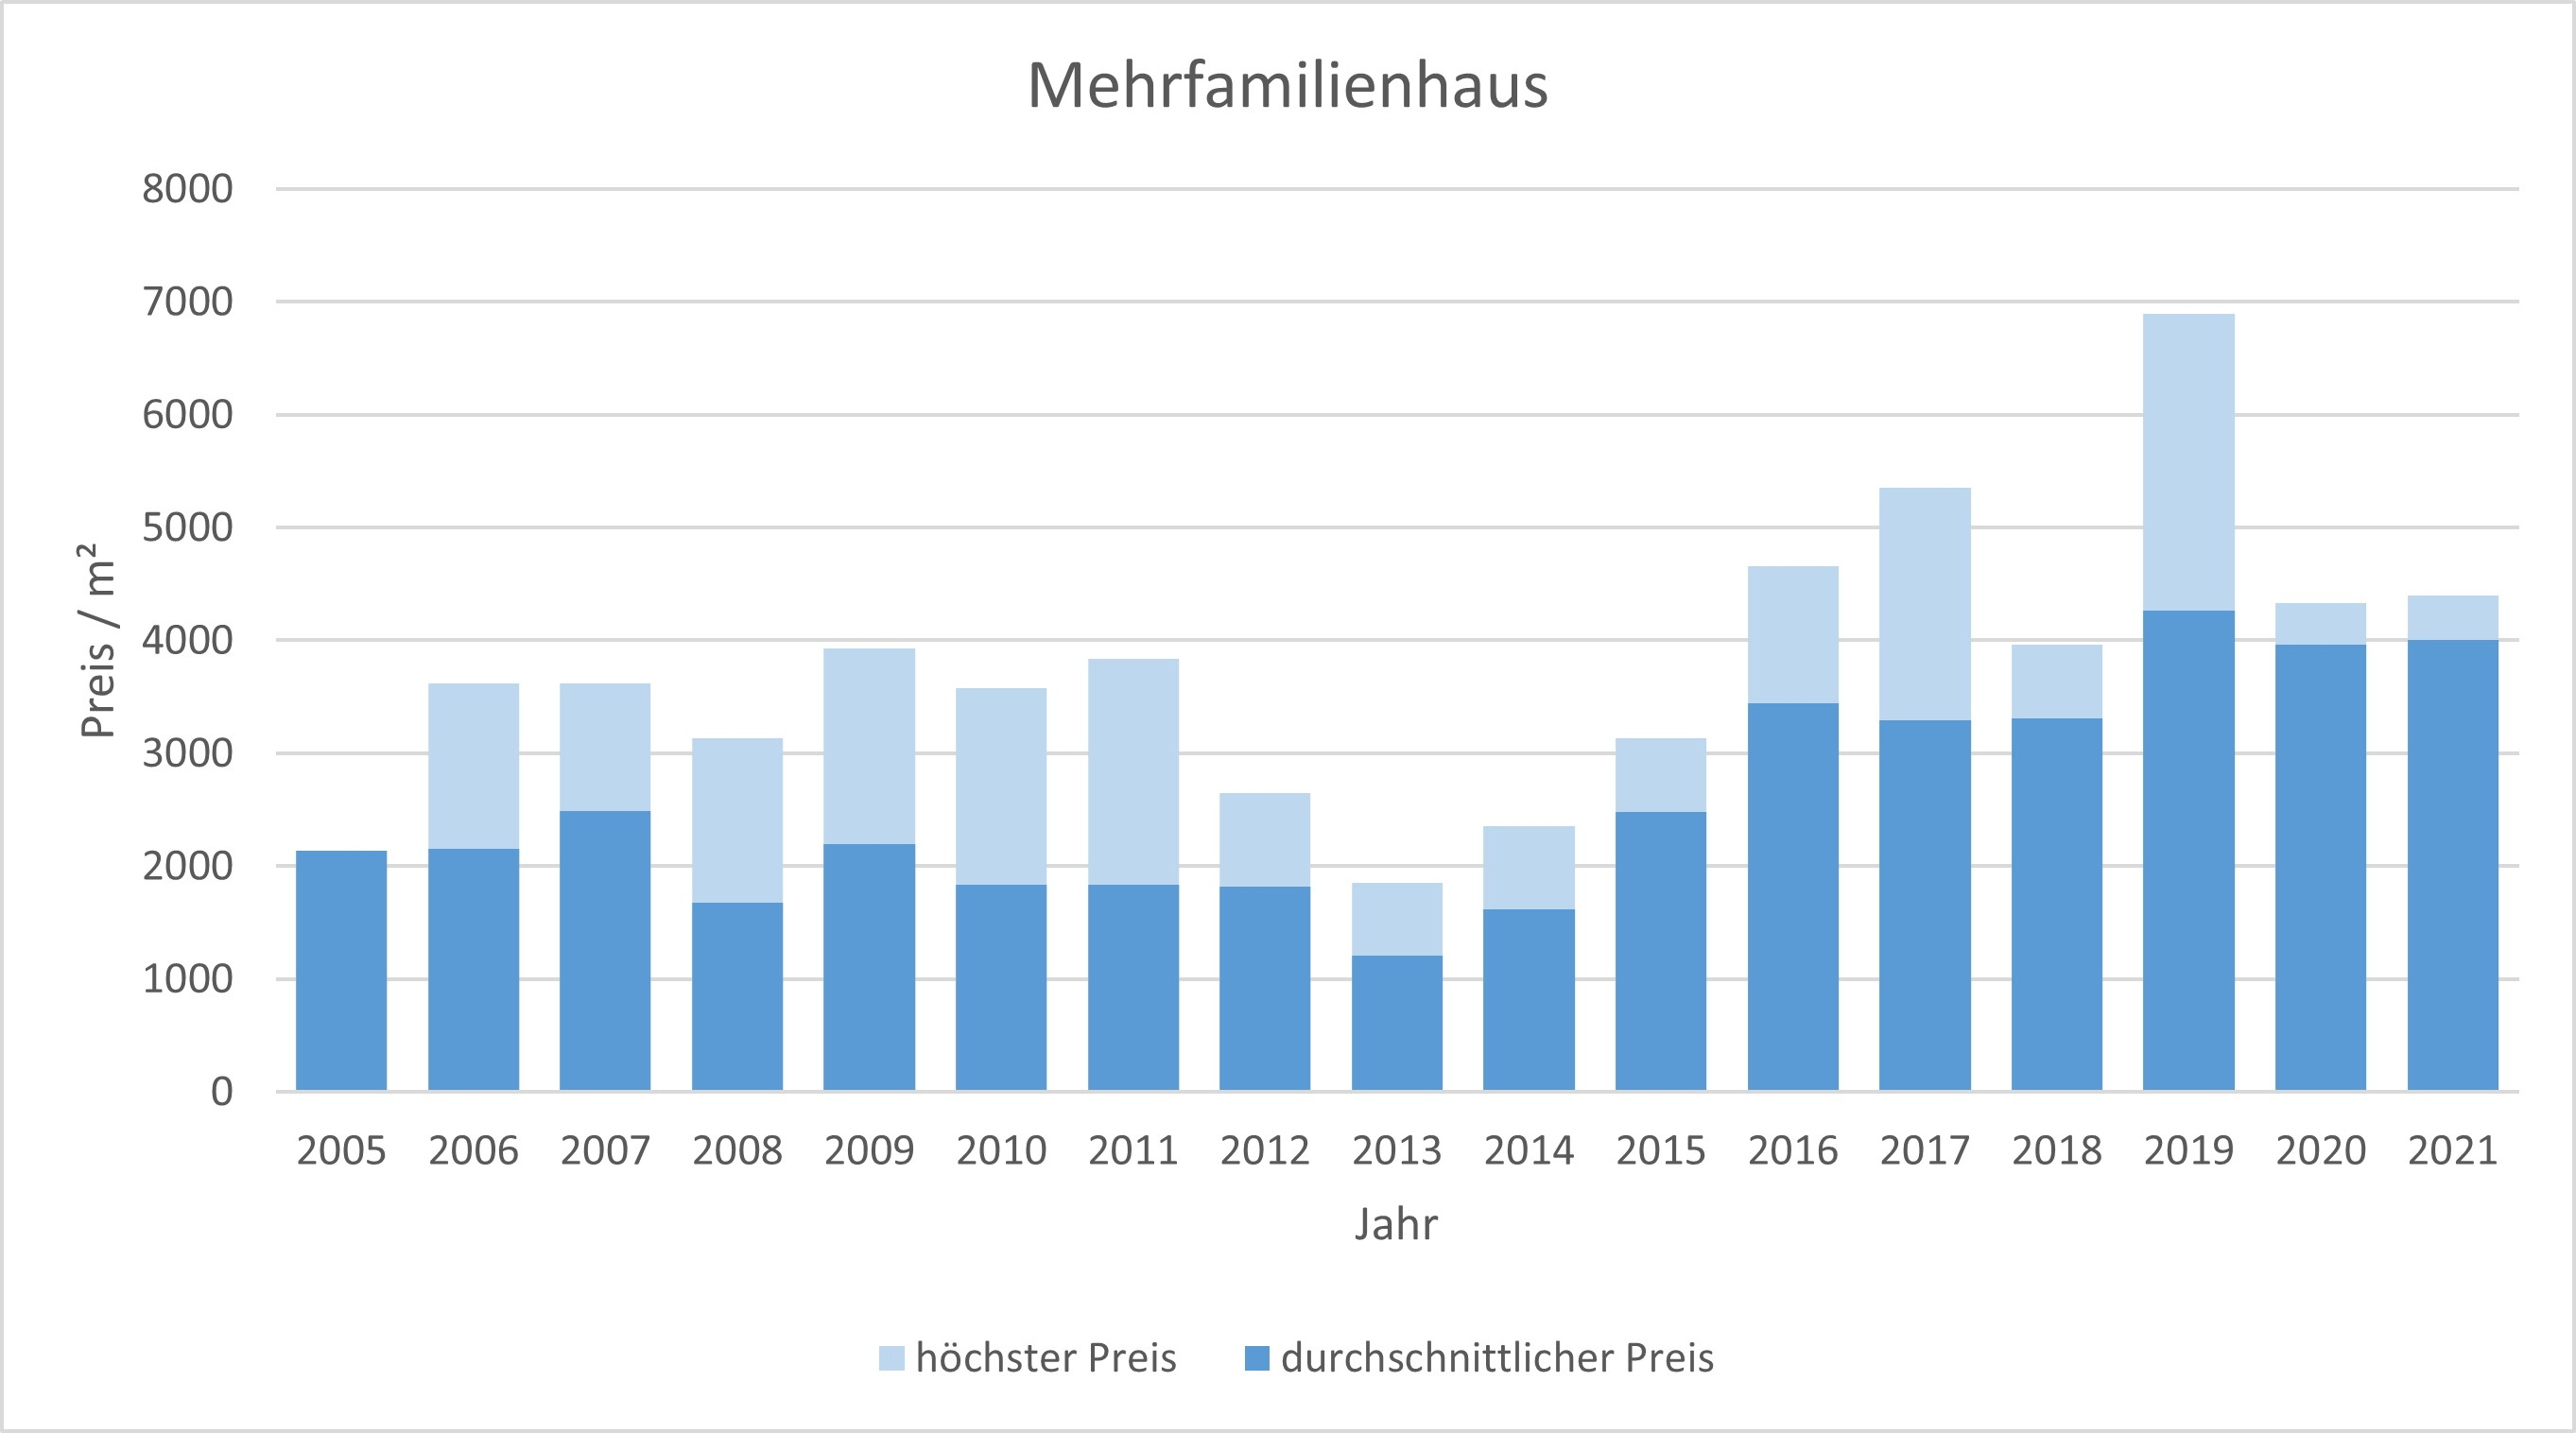 Feldkirchen-Westerham Mehrfamilienhaus kaufen verkaufen 2019 2020 2021  Preis Bewertung Makler www.happy-immo.de